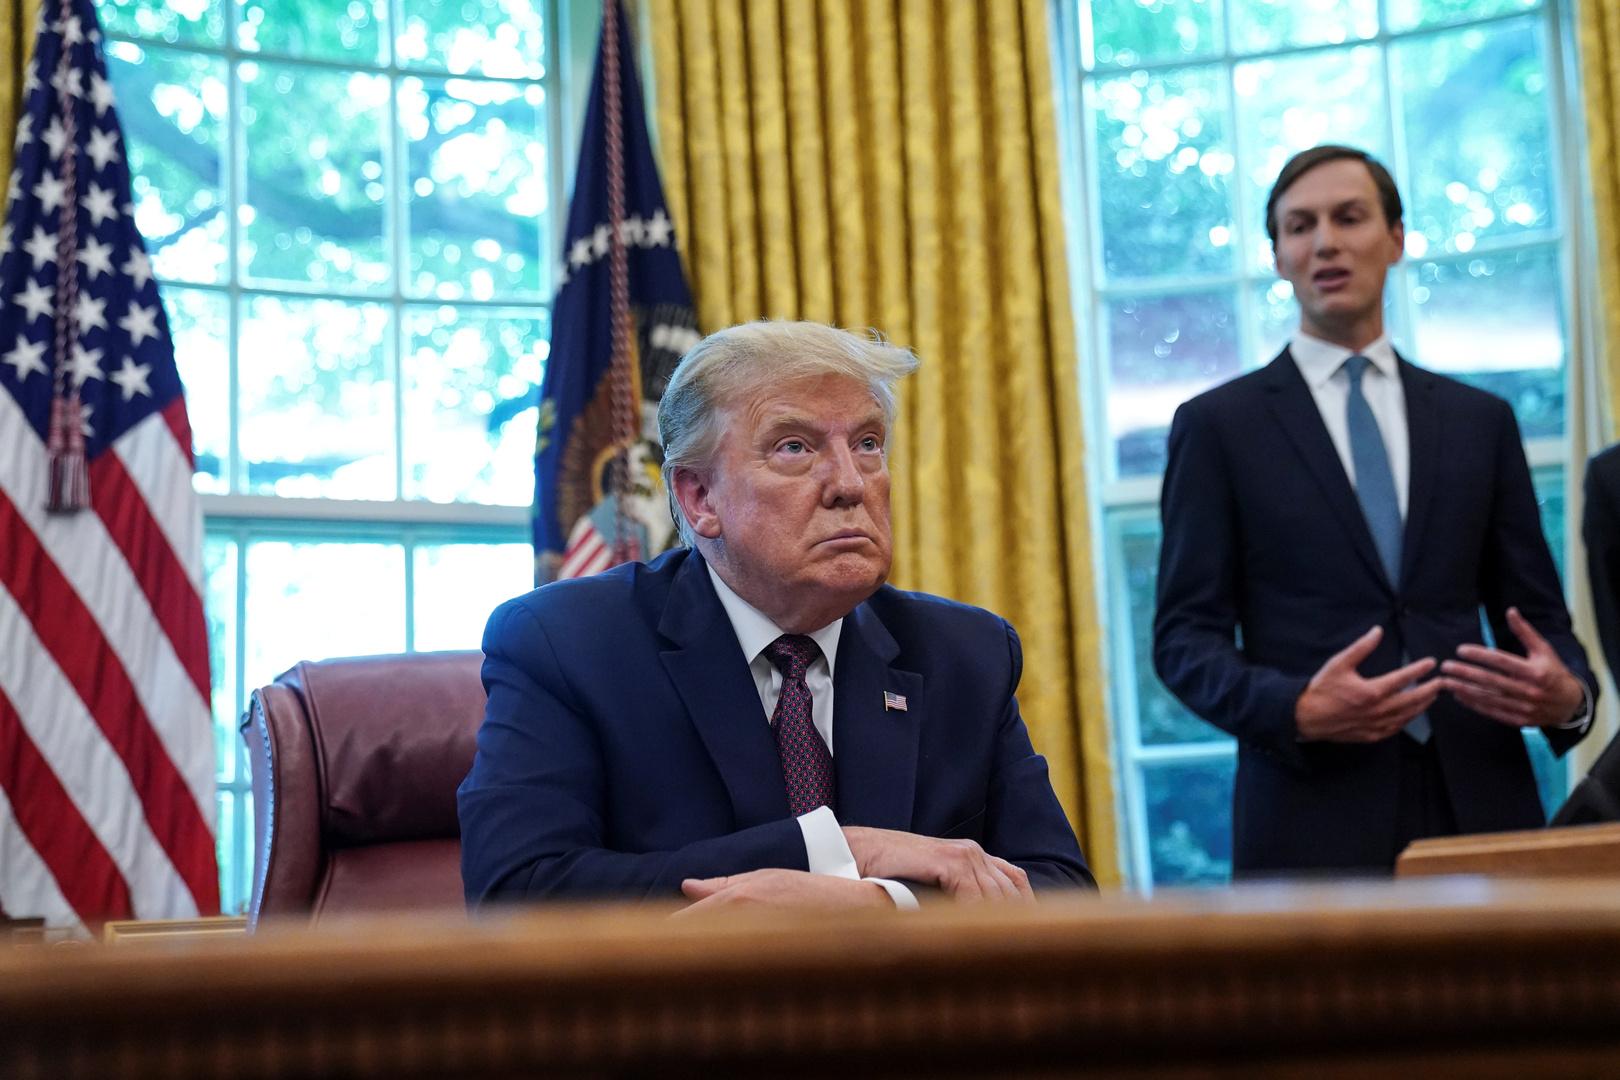 الرئيس الأمريكي، دونالد ترامب، وكبير مستشاريه وصهره، جاريد كوشنير.